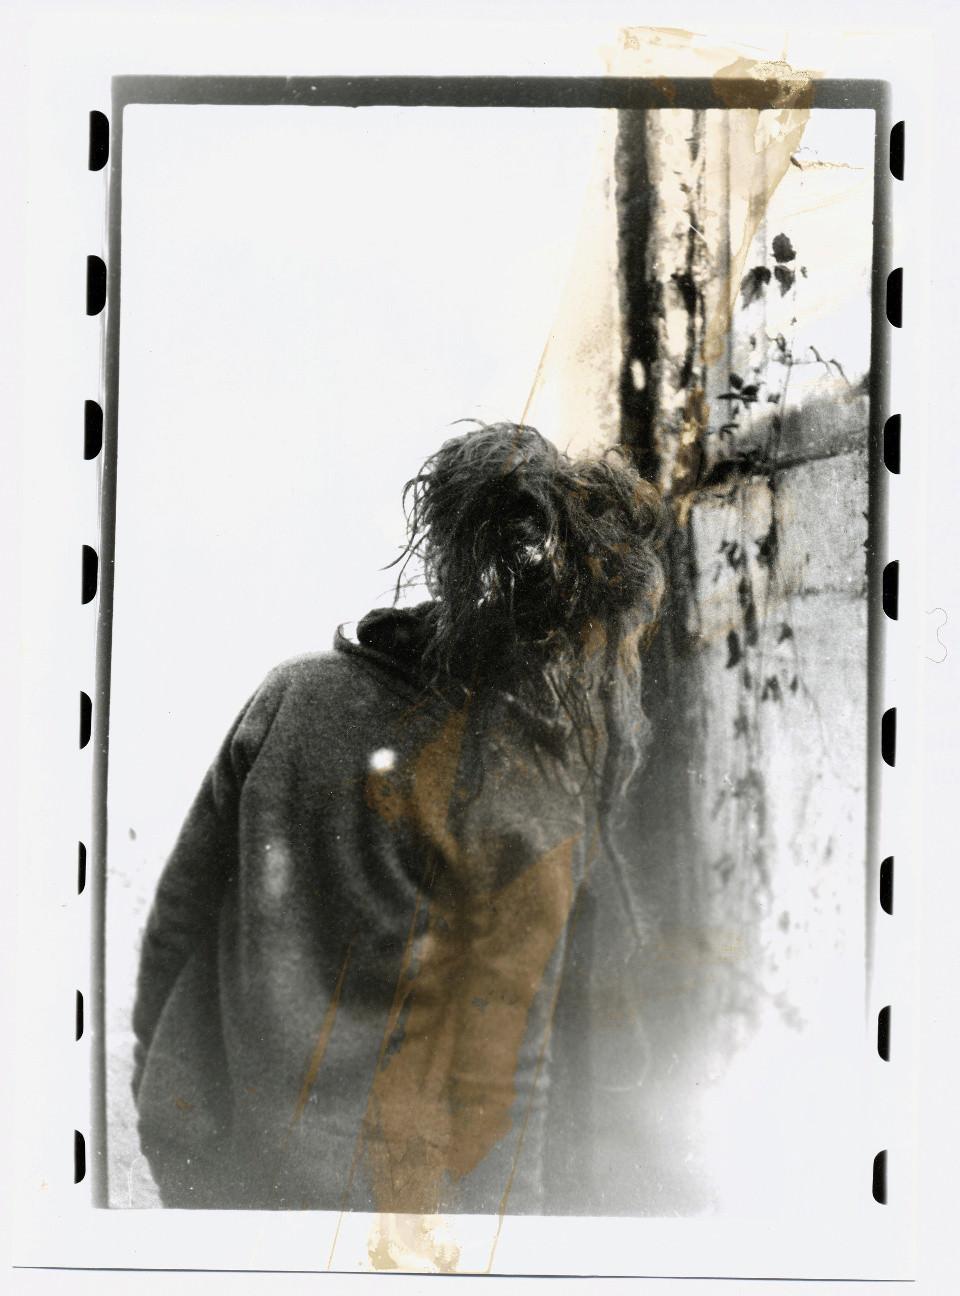 Mädchen steht mit dem Rücken zur Kamera neben einem Fenster.